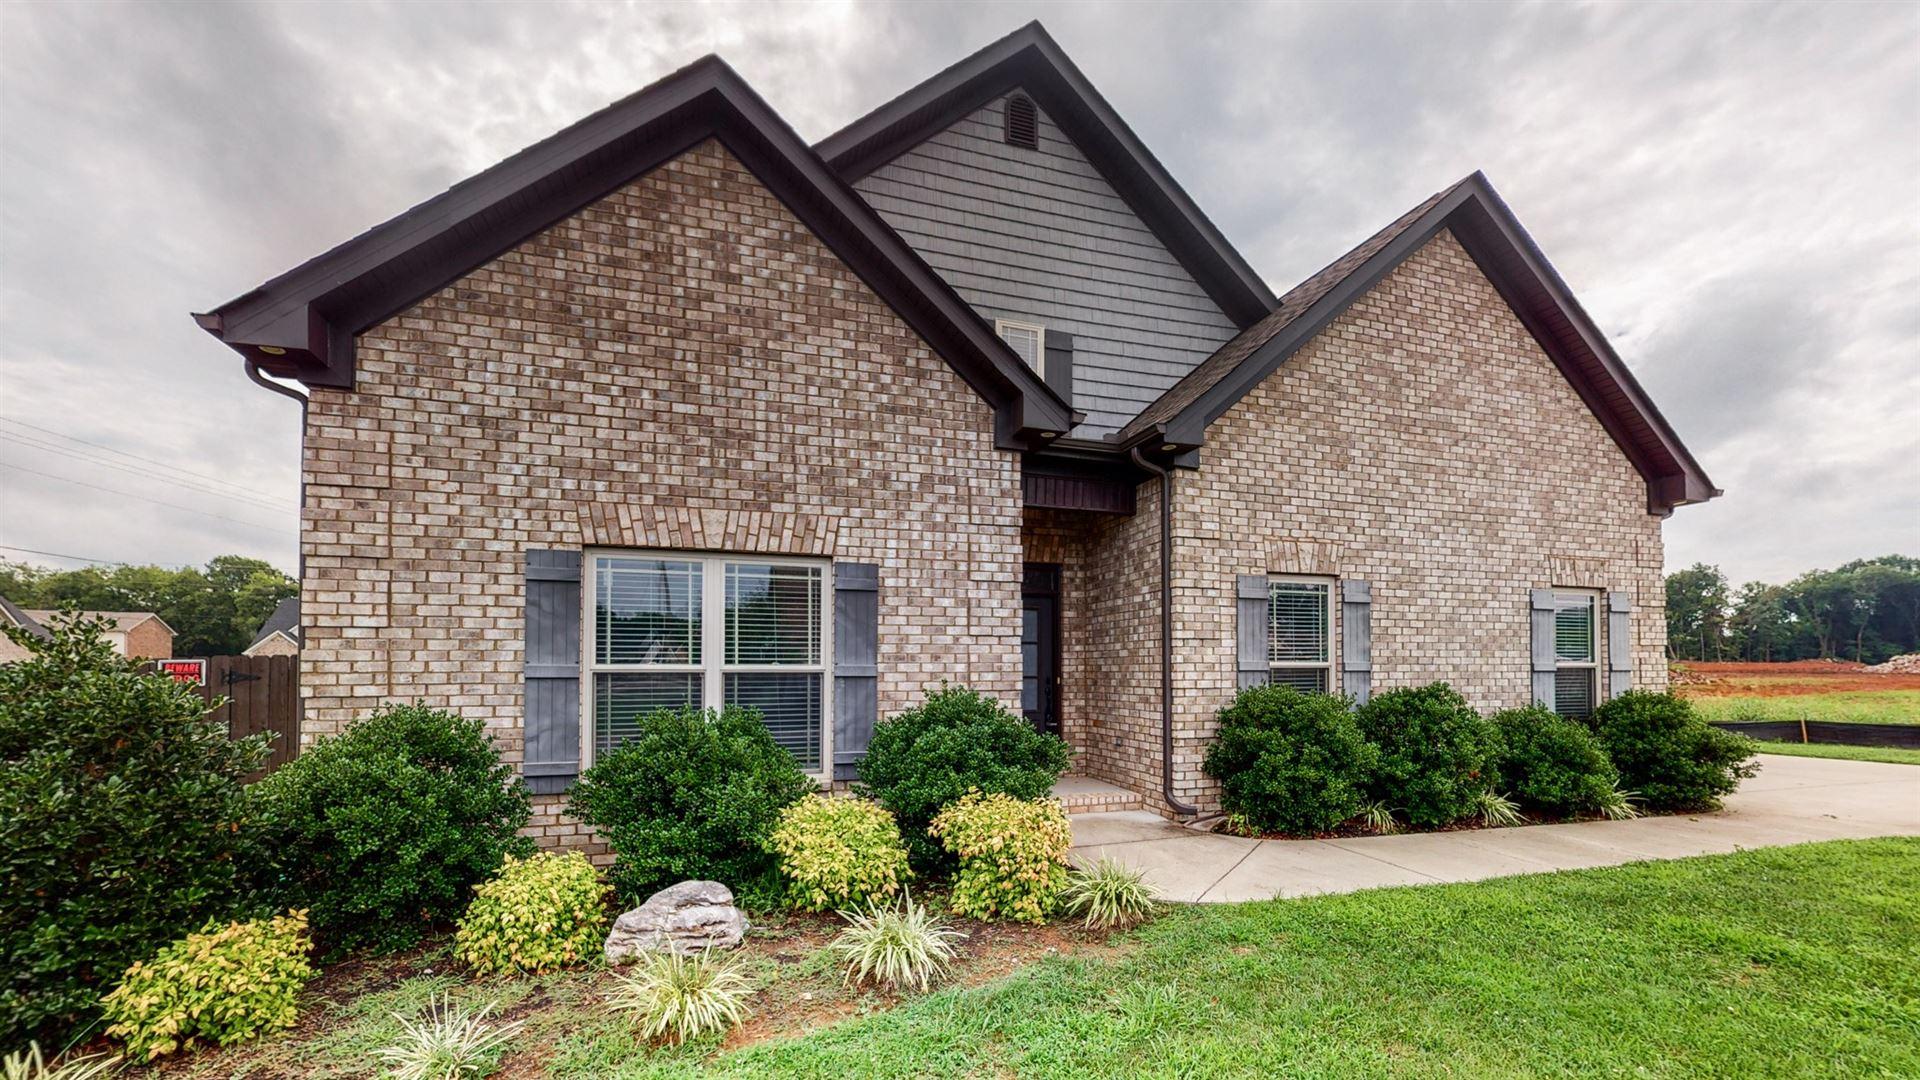 436 Sophie Hill Ct, Murfreesboro, TN 37128 - MLS#: 2275063